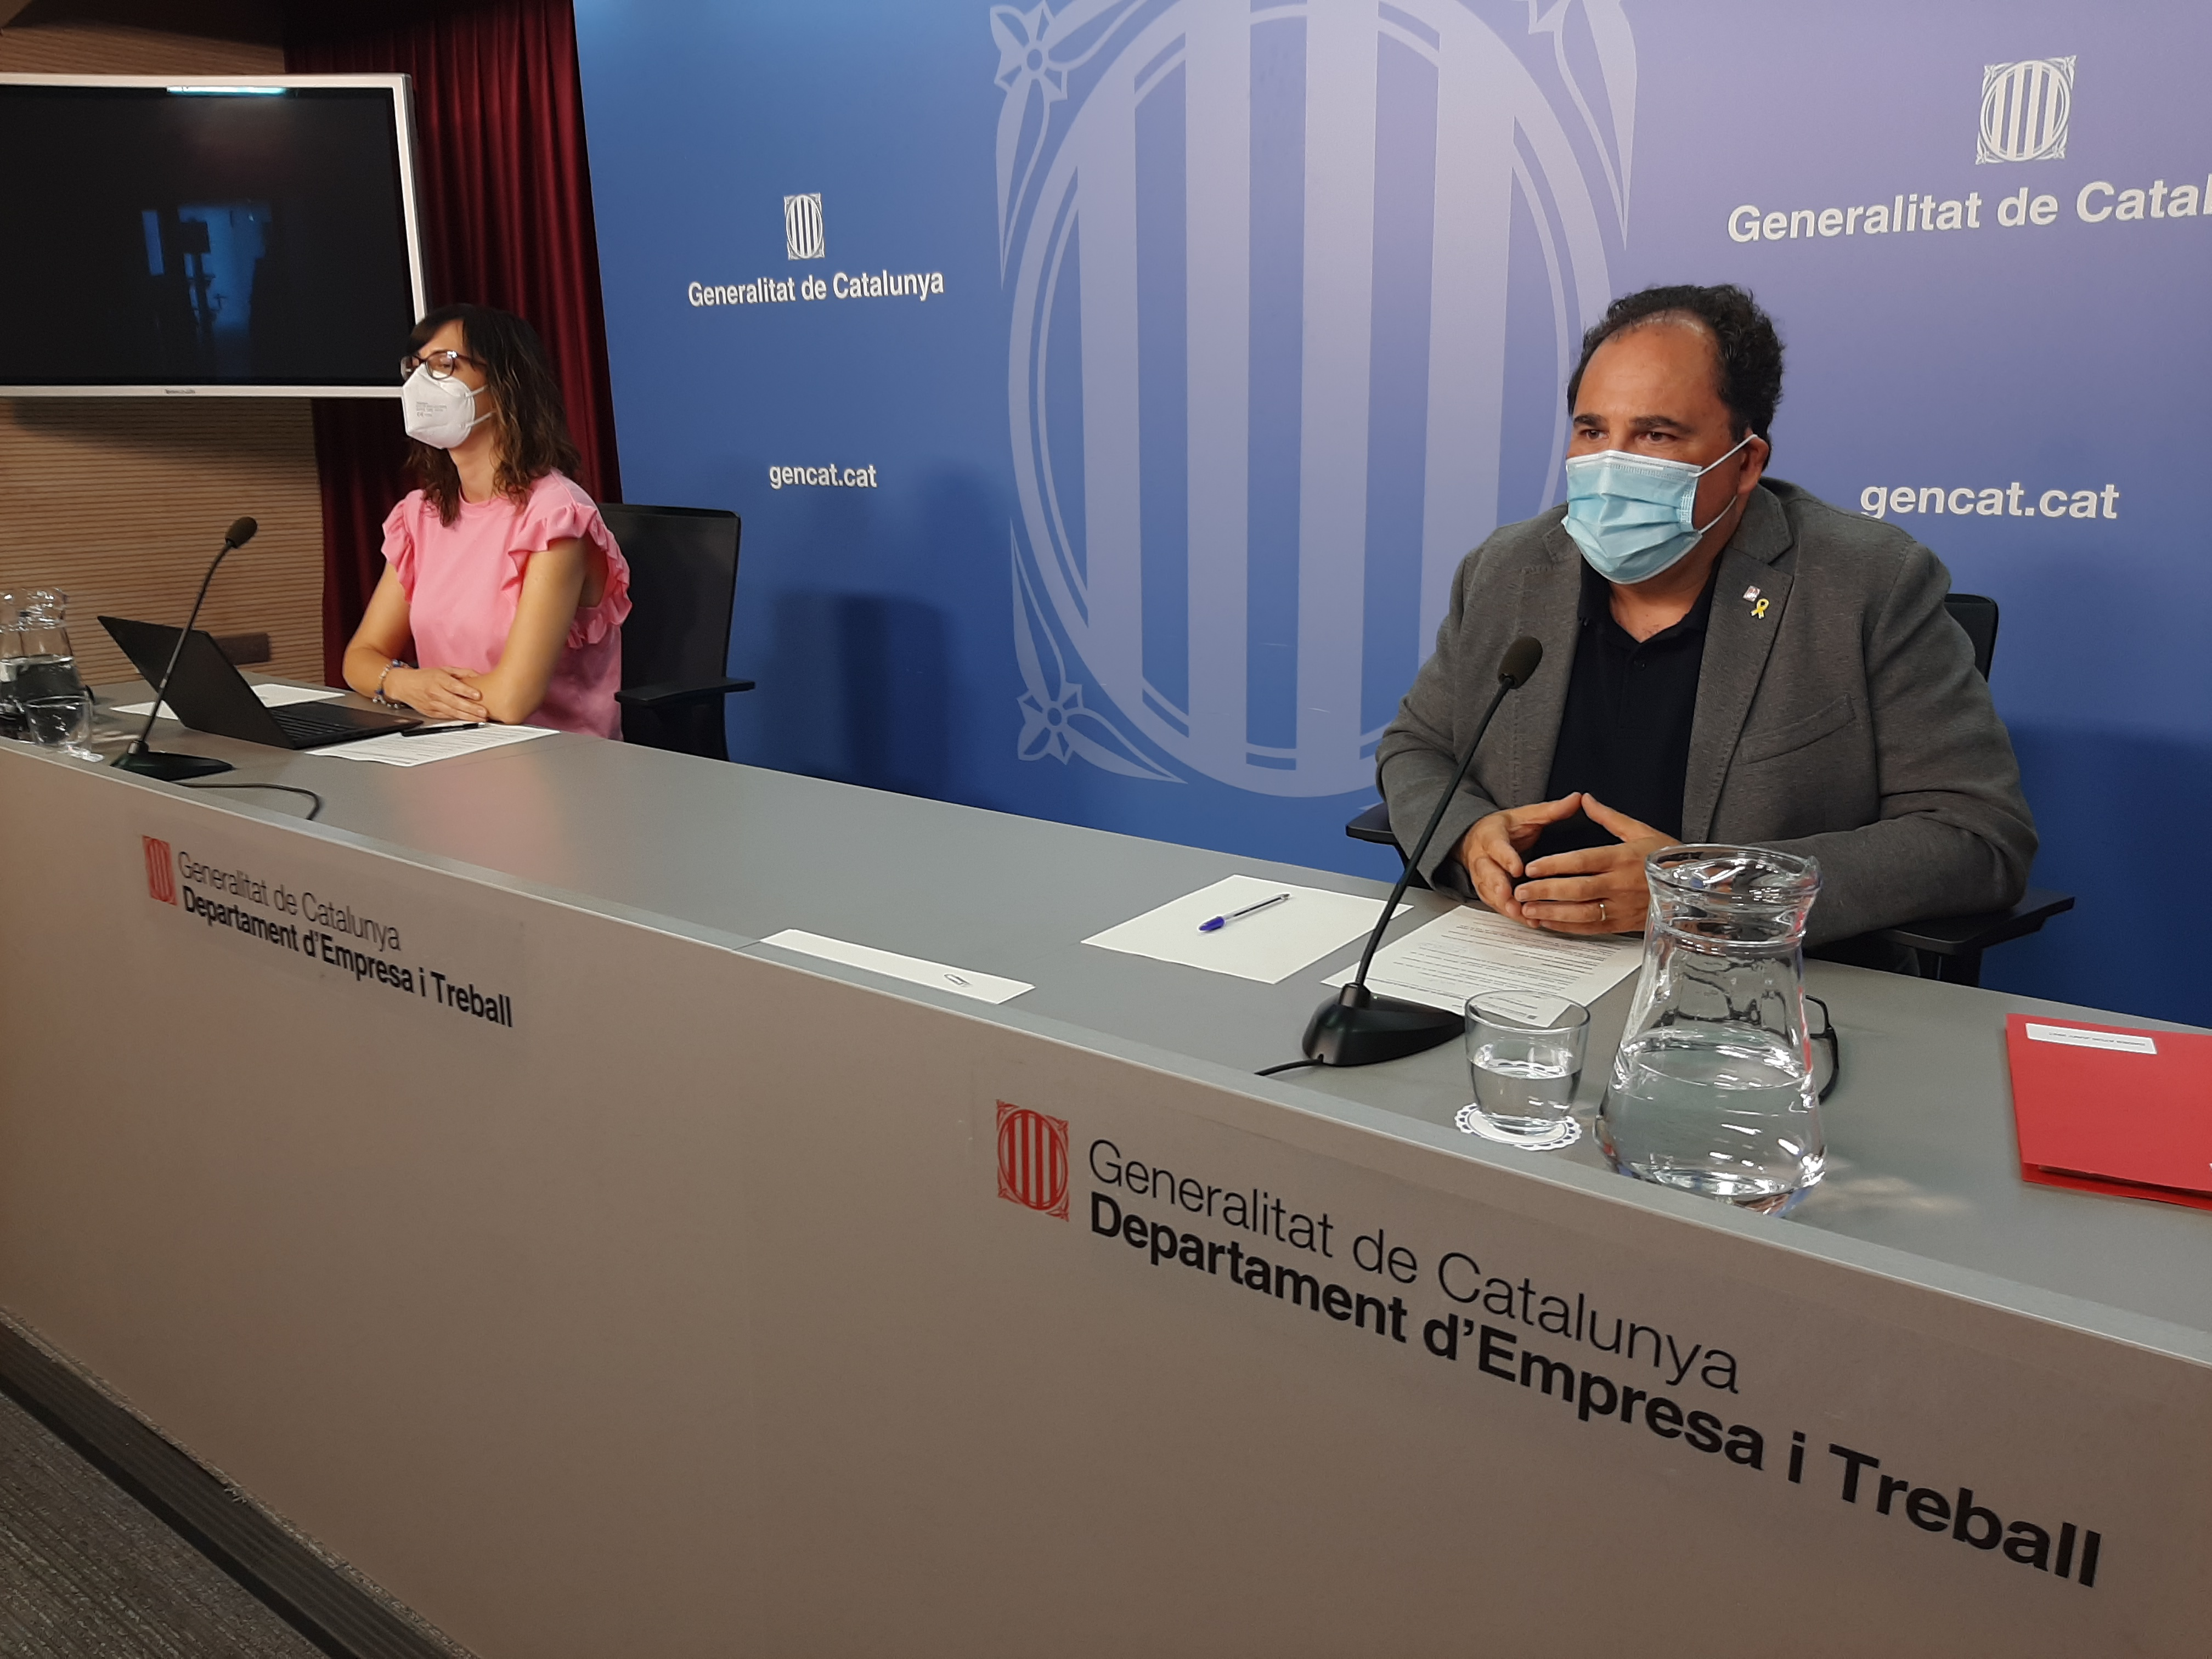 Enric Vinaixa, Secretari de Treball del Departament d'Empresa i Treball